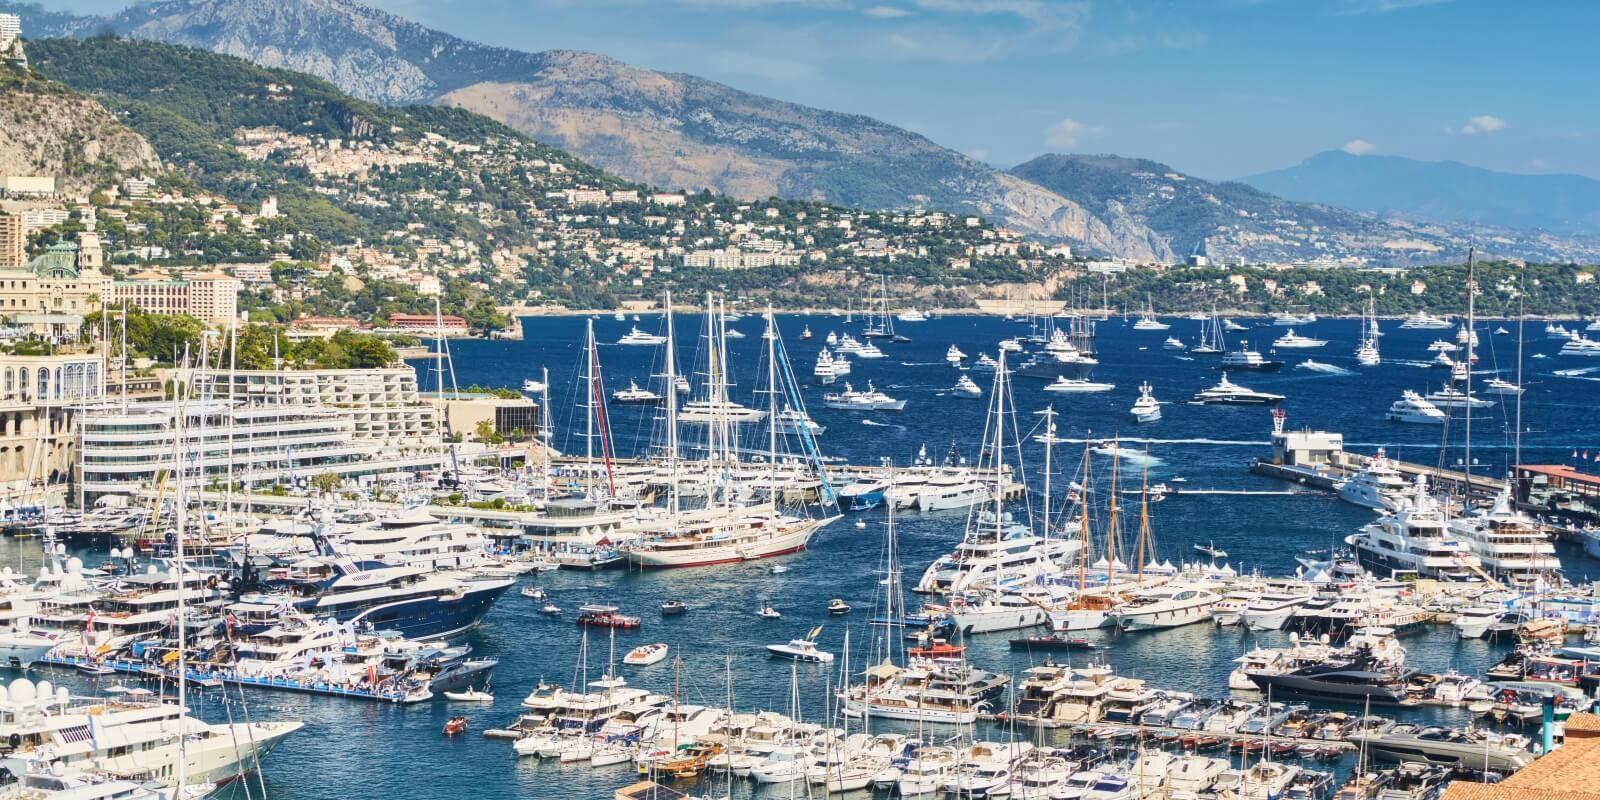 https://www.talamare.fr/medias/Entrée du Port Hercule à Monaco avec des yachts mis en place pour des locations yacht événementielles